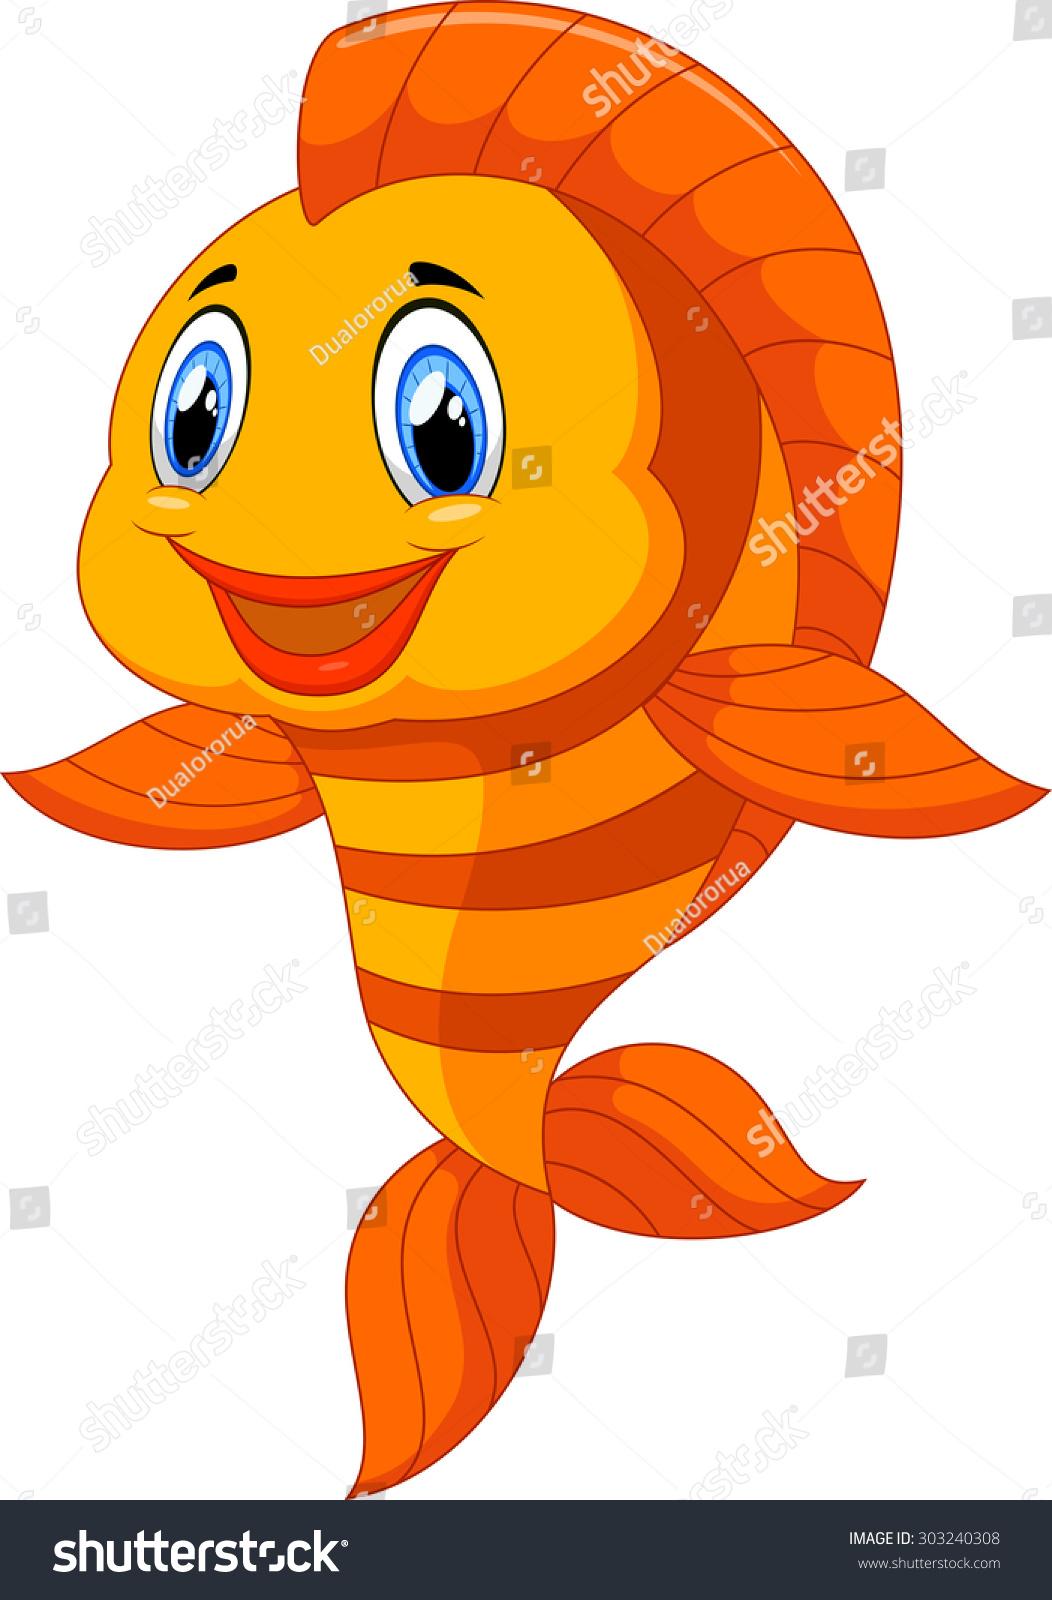 royalty free cute fish cartoon 303240308 stock photo avopix com